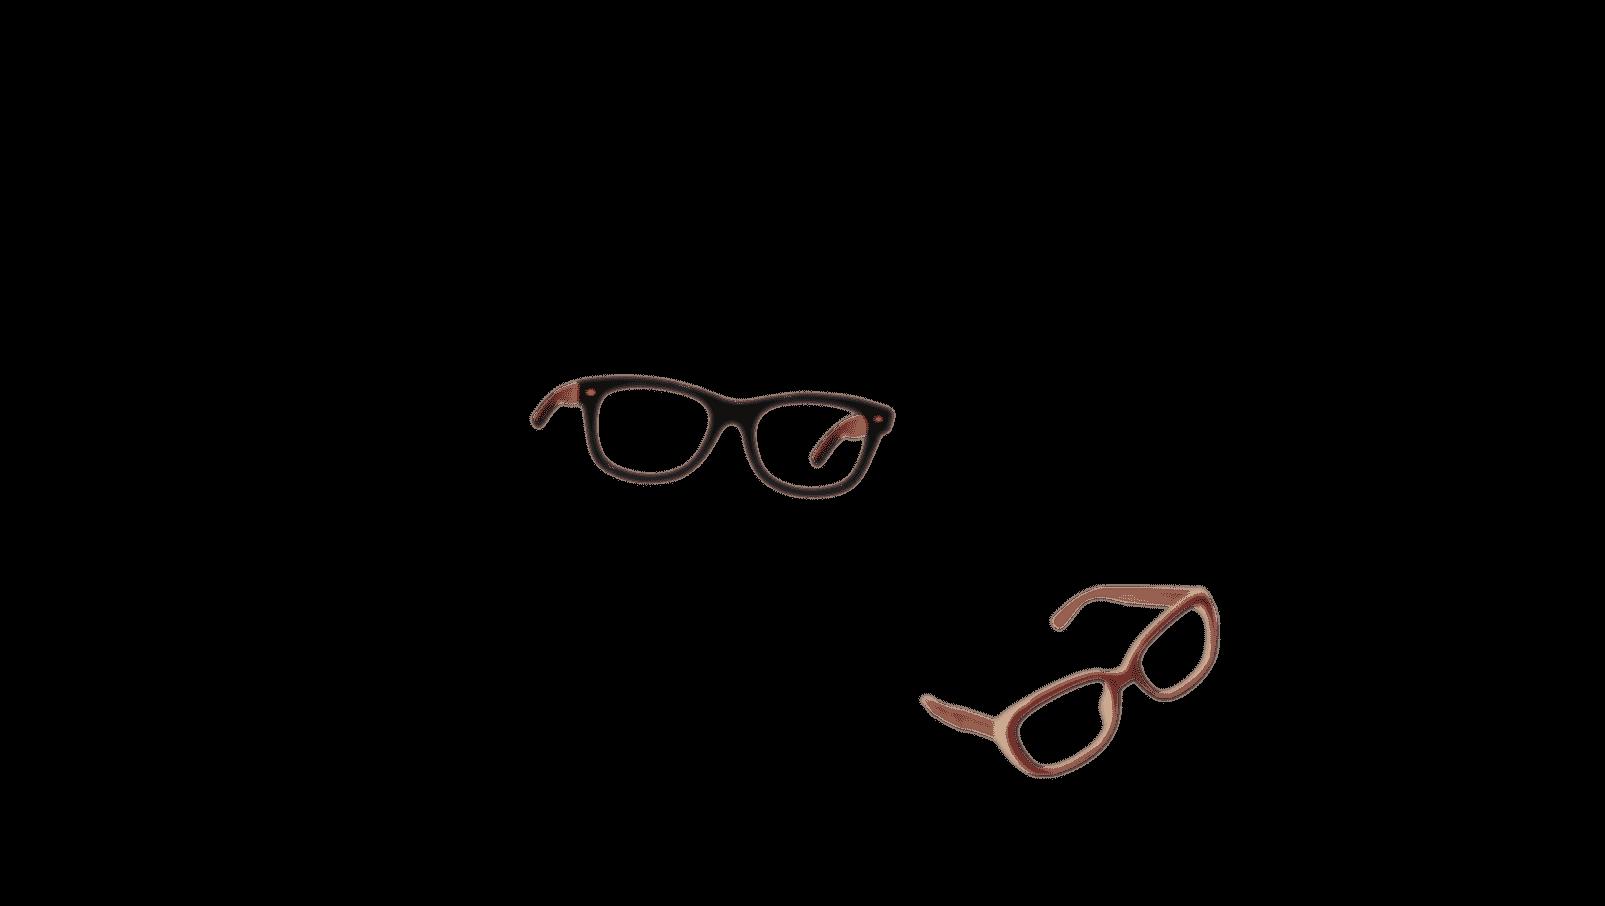 Lentilles De Contact Pour Astigmate Et Myope Cataracte